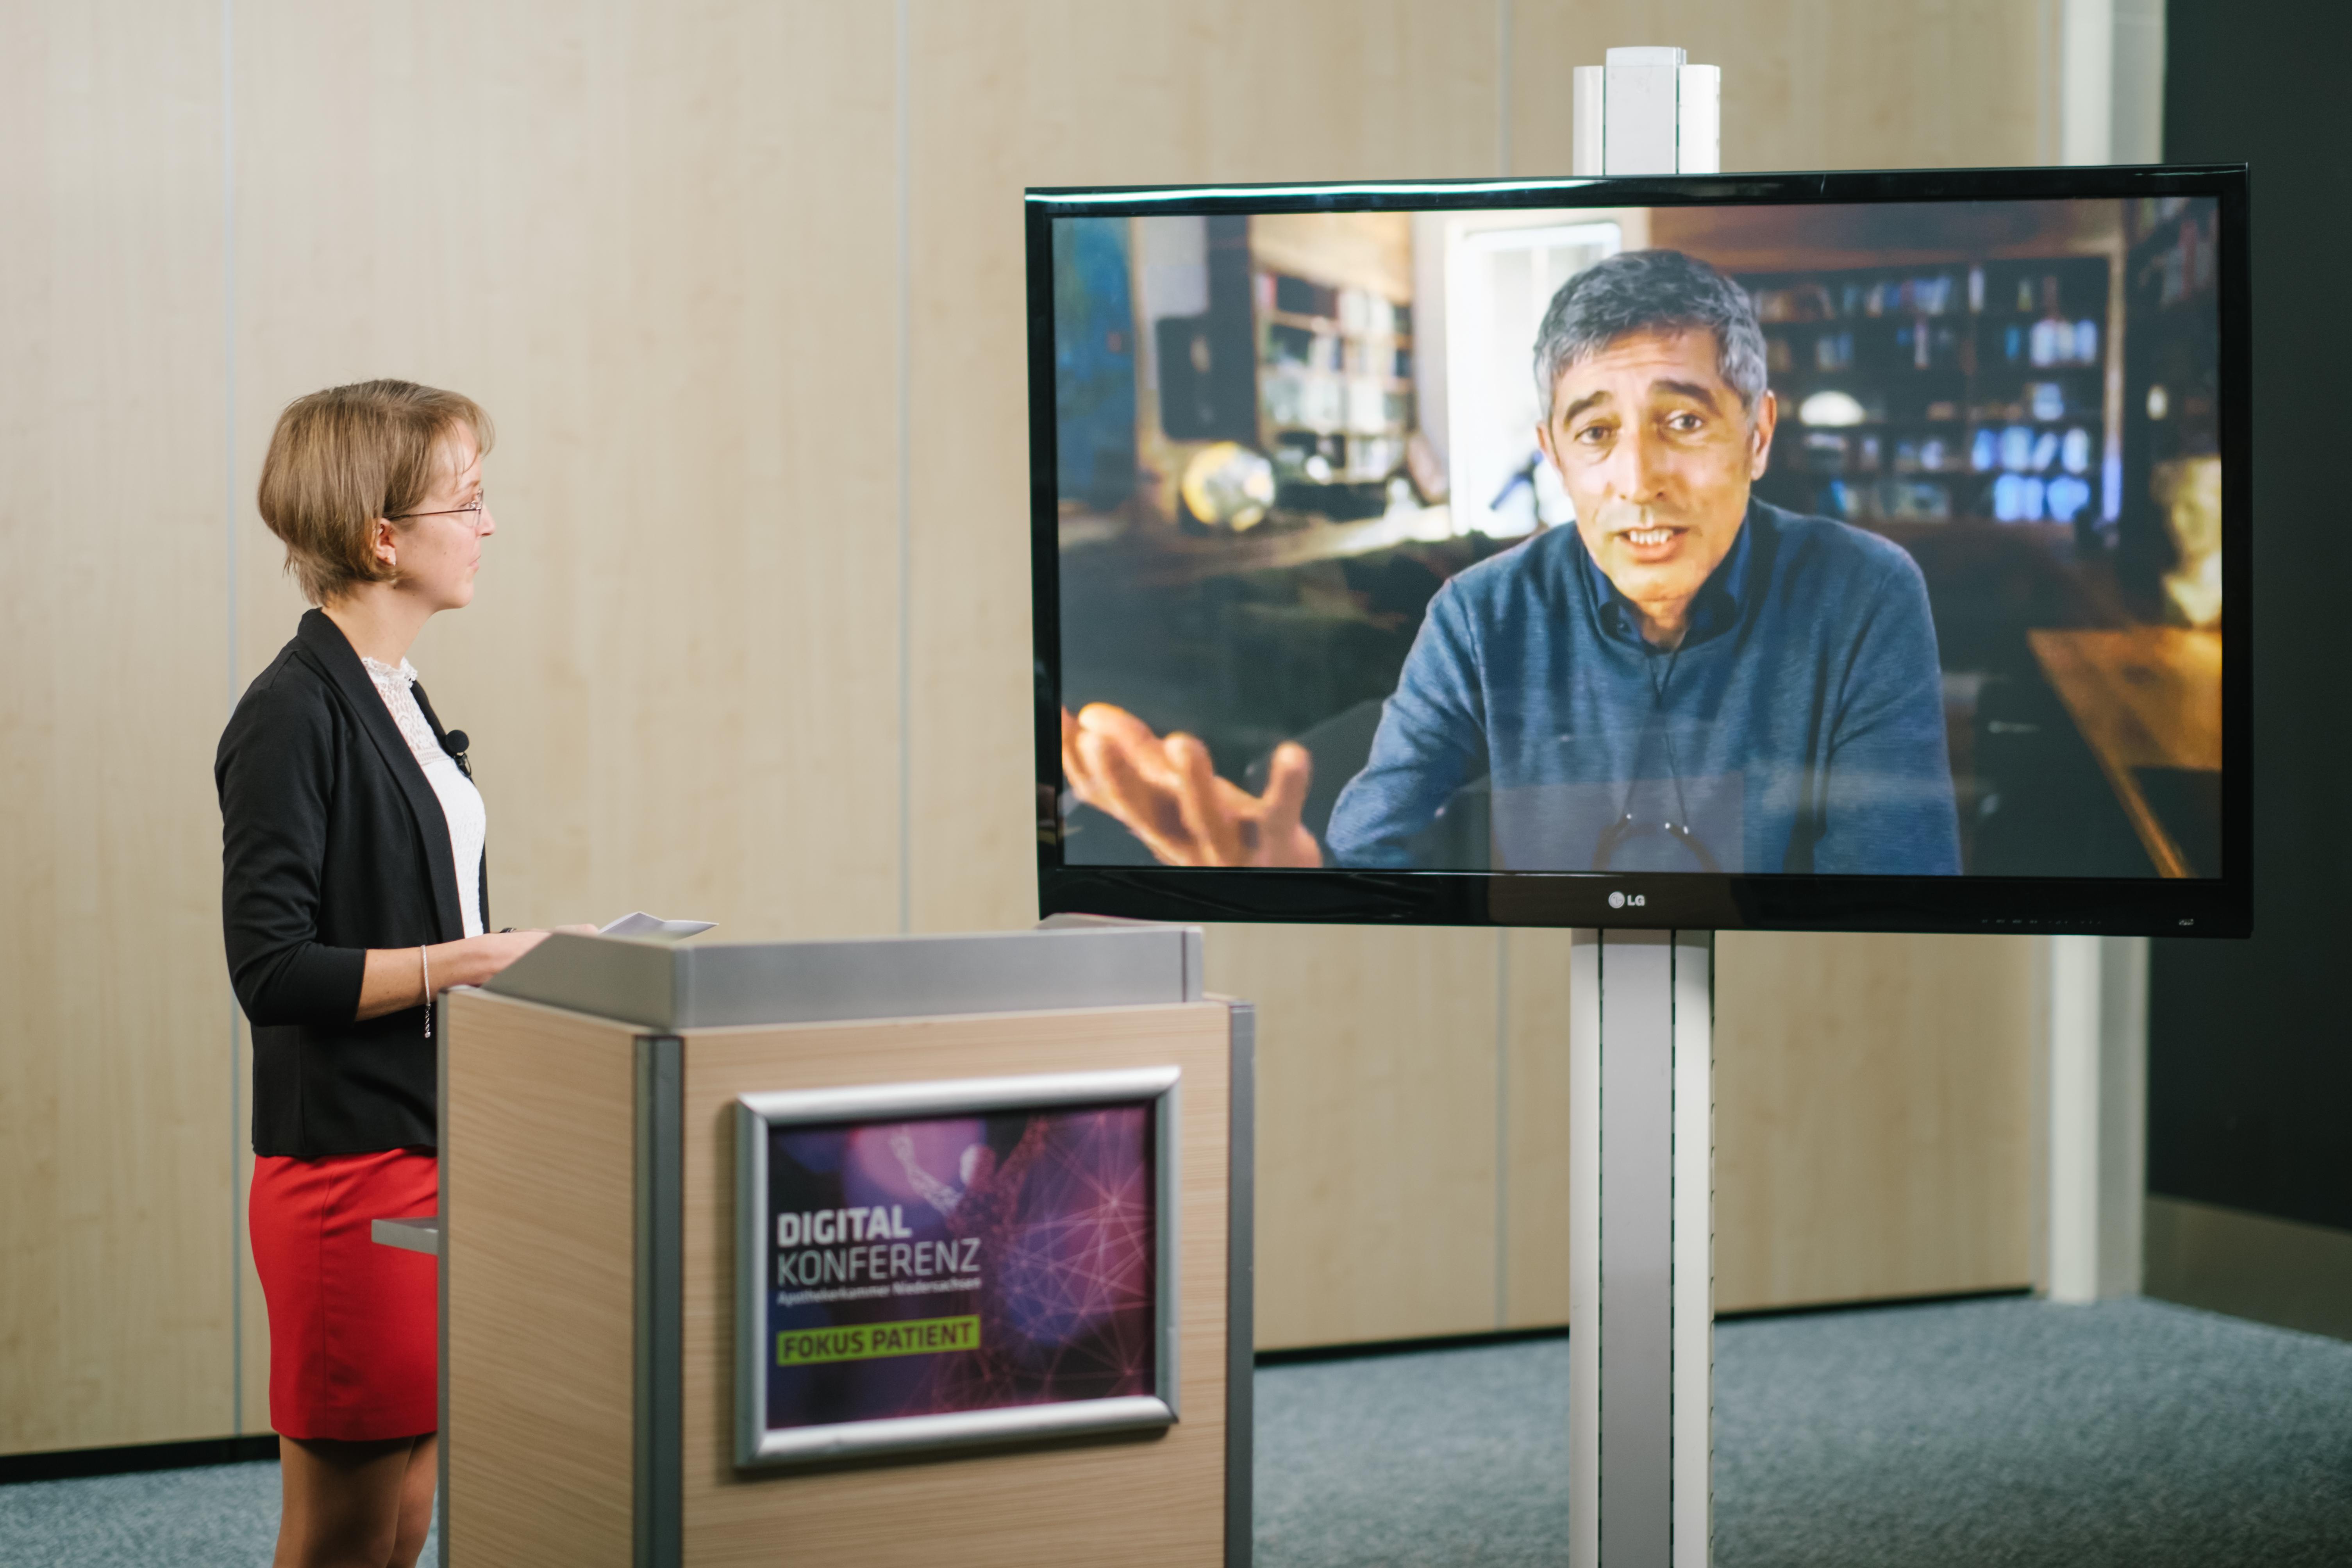 Bianca Uekermann, Moderatorin und Vorstandsmitglied der Apothekerkammer Niedersachsen im Gespräch mit Ranga Yogeshwar